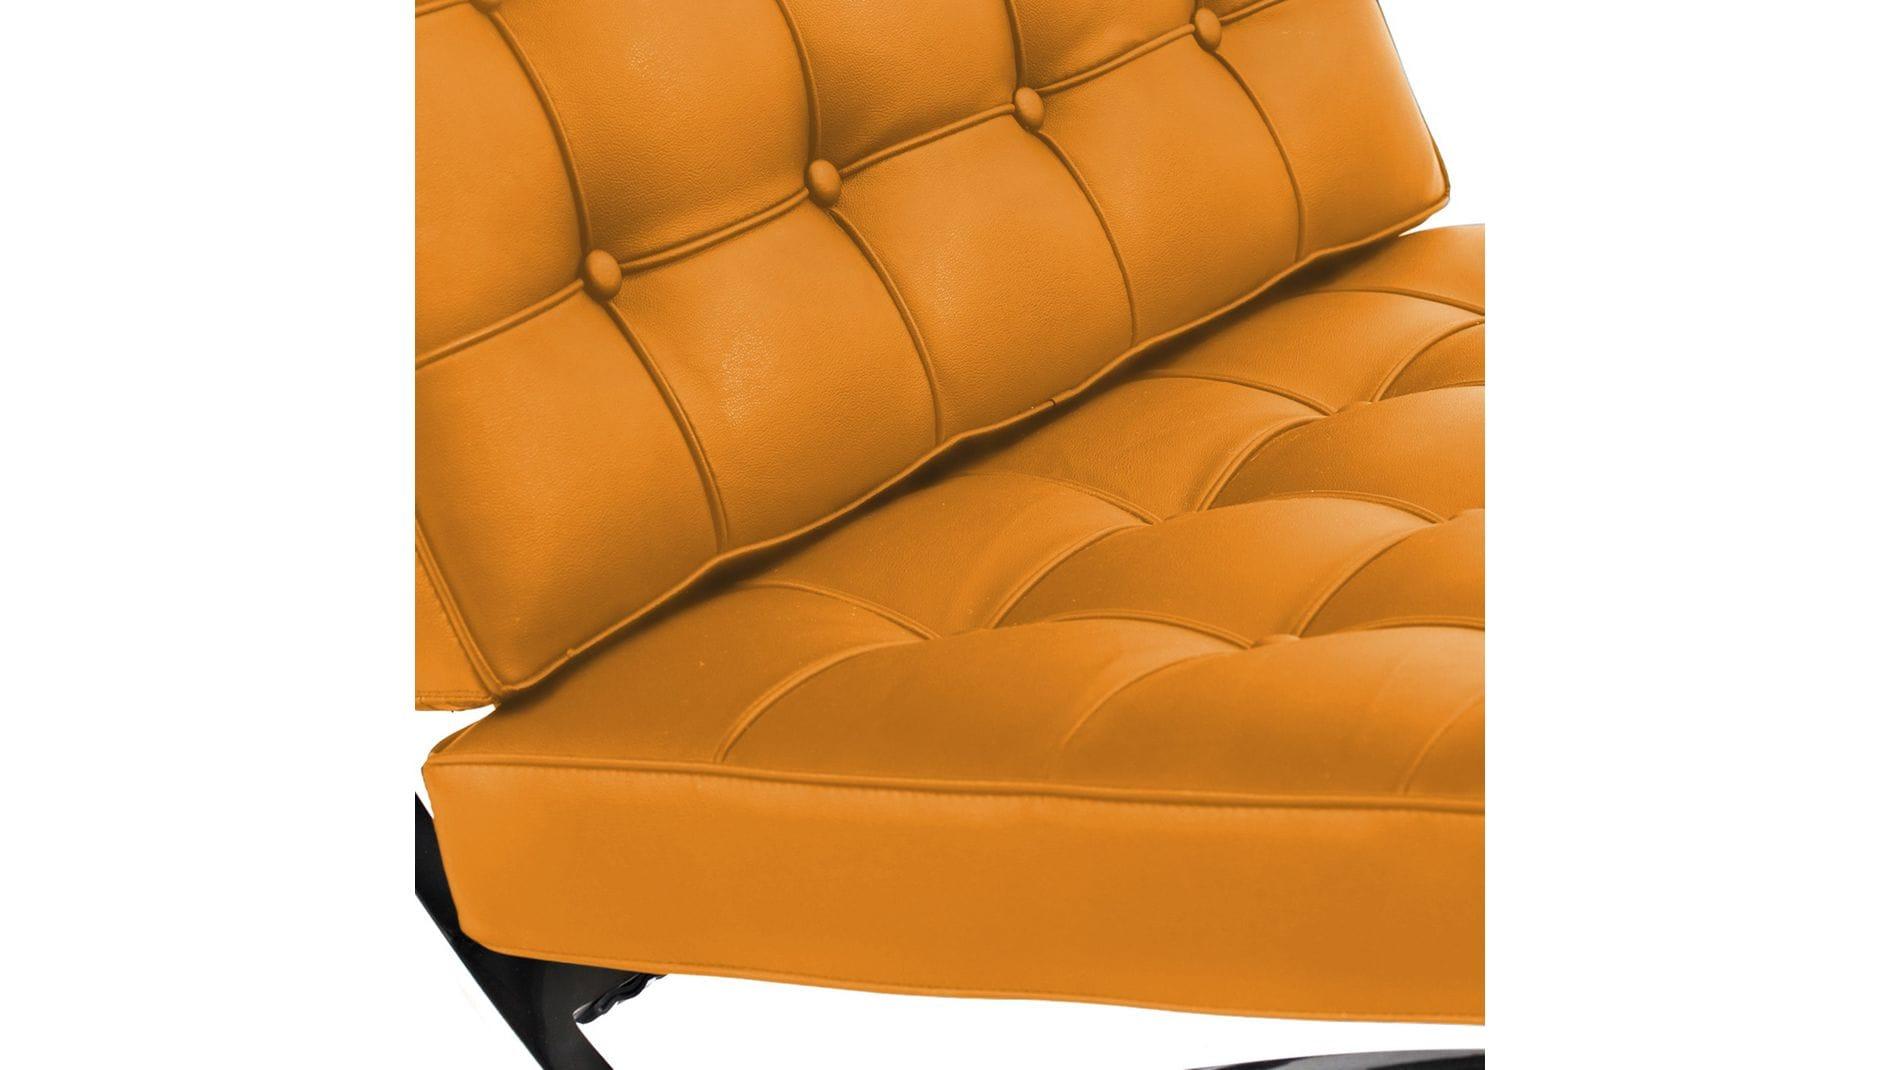 Кресло Barcelona Chair Оранжевая Кожа Класса Премиум Р